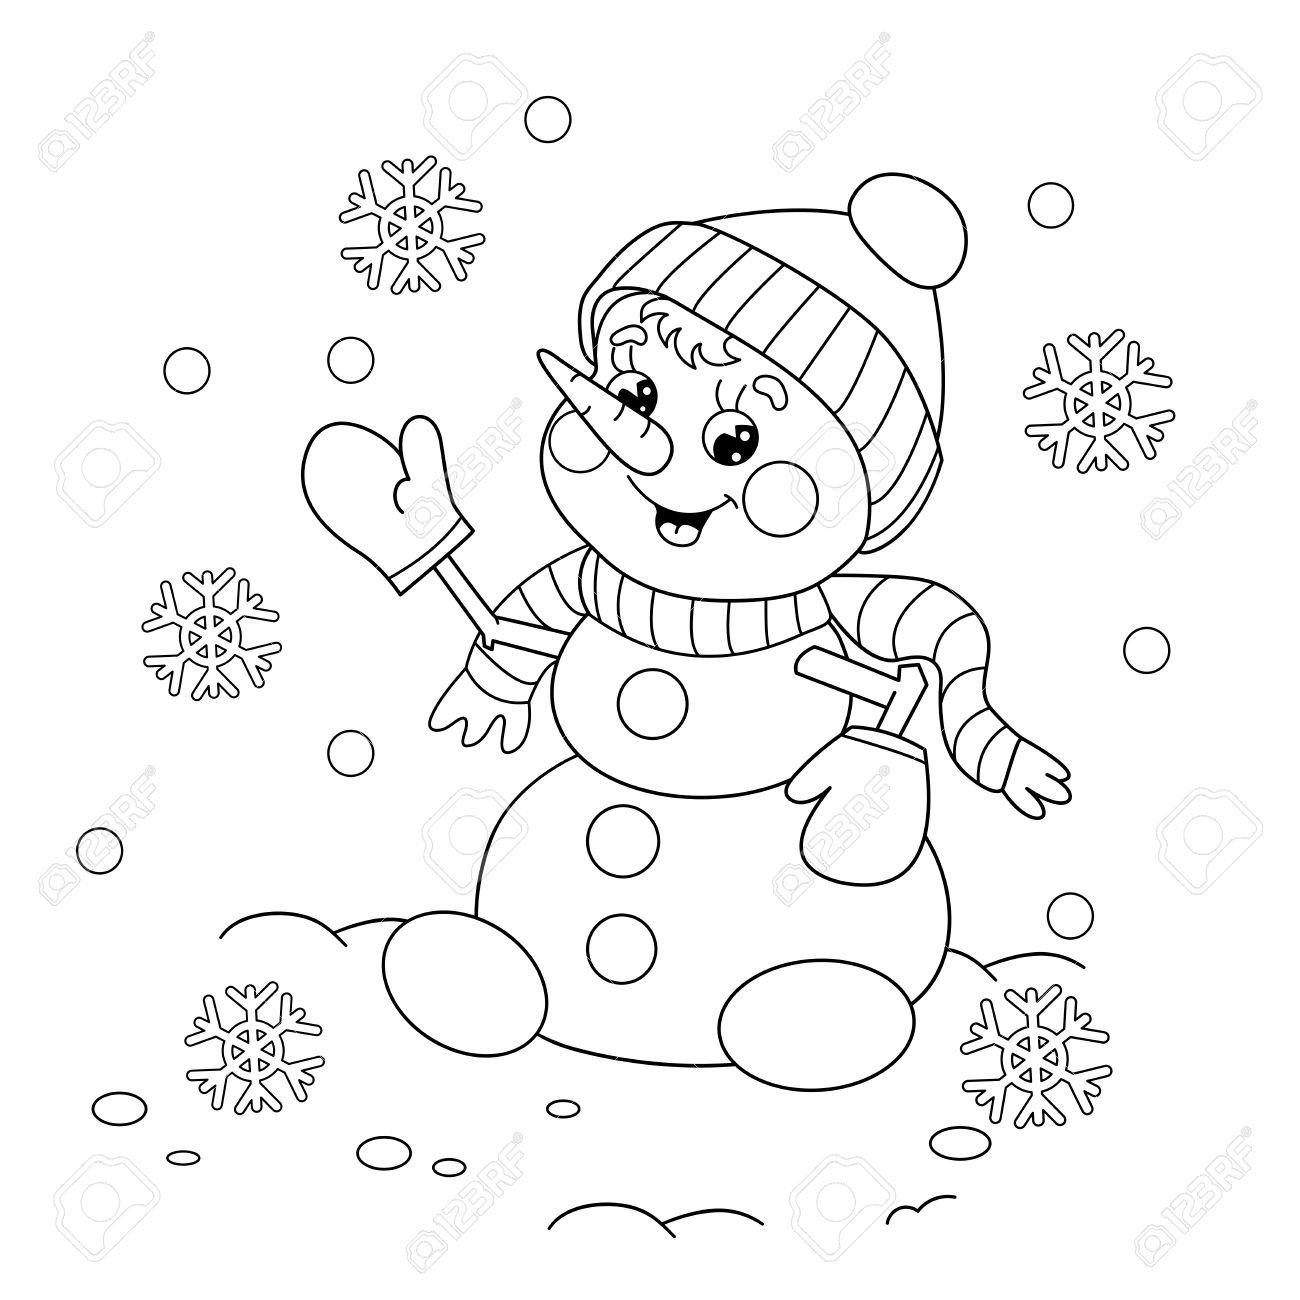 Coloriage Neige.Coloriage Contour De Bonhomme De Neige De Bande Dessinee Winters Livre De Coloriage Pour Les Enfants